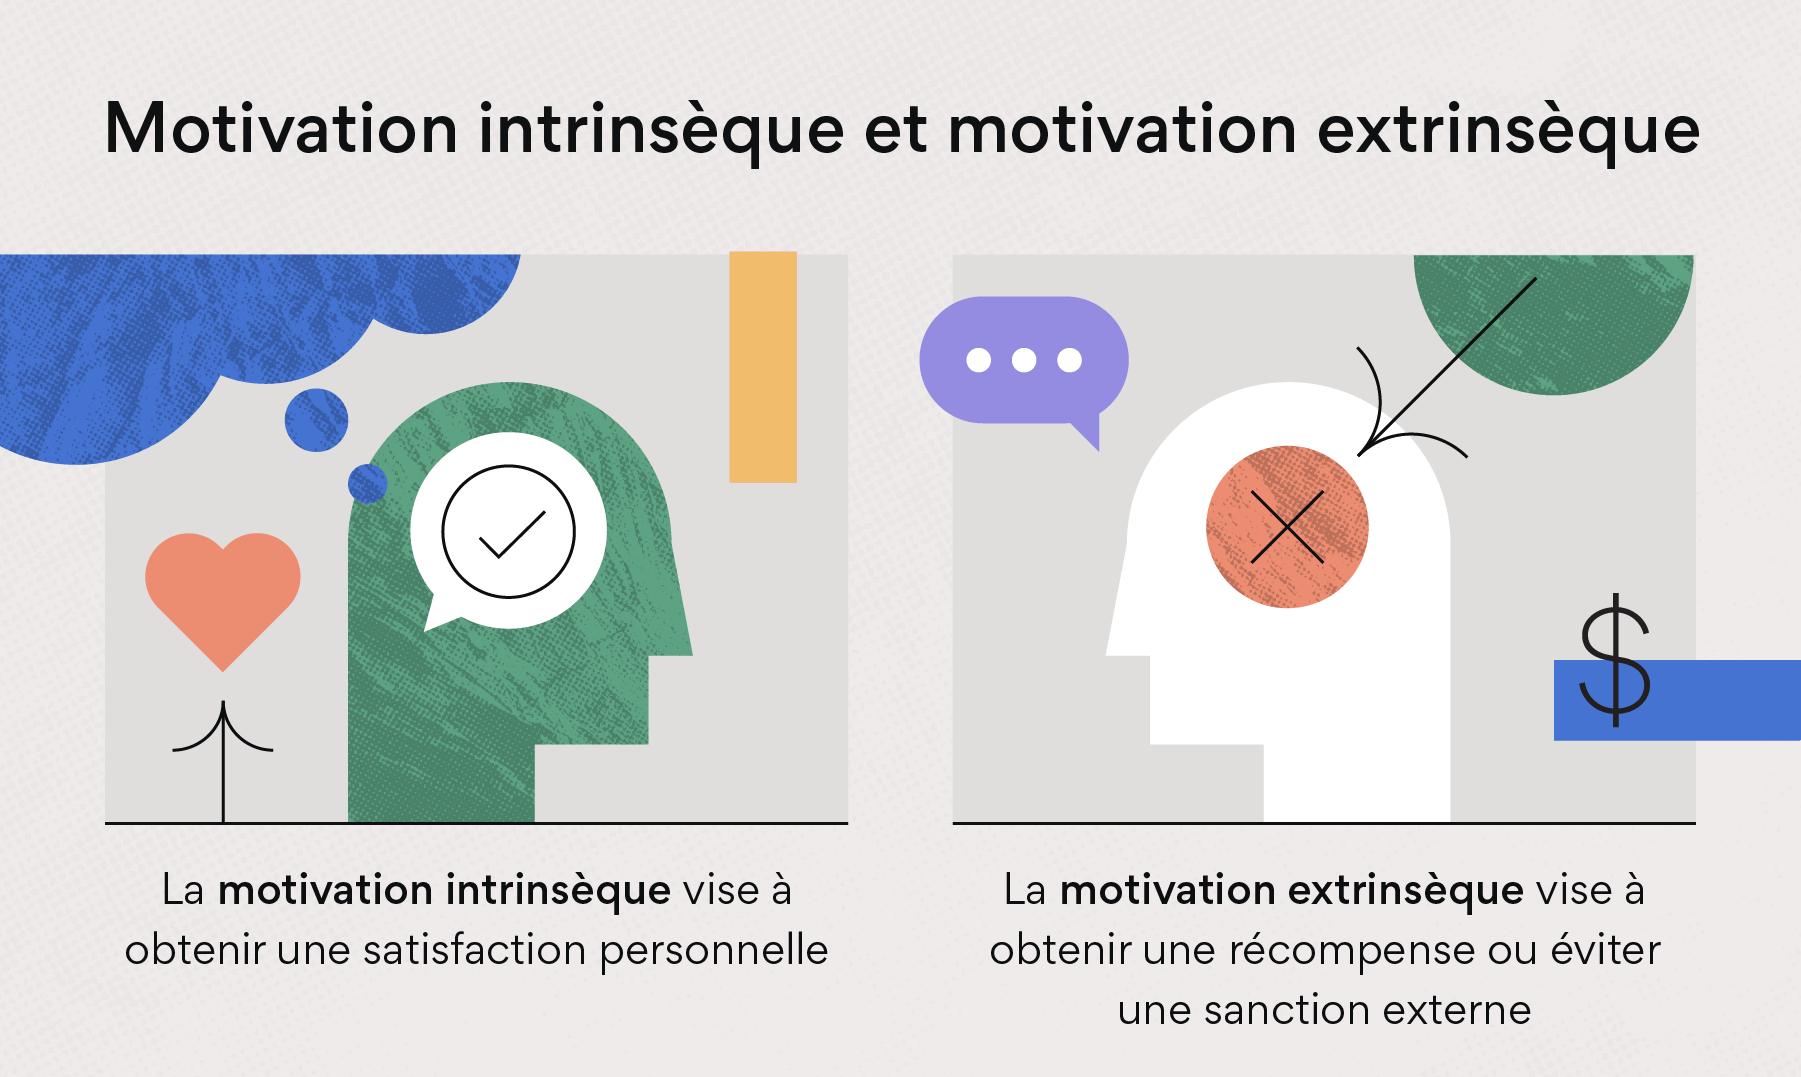 La motivation intrinsèque face à la motivation extrinsèque